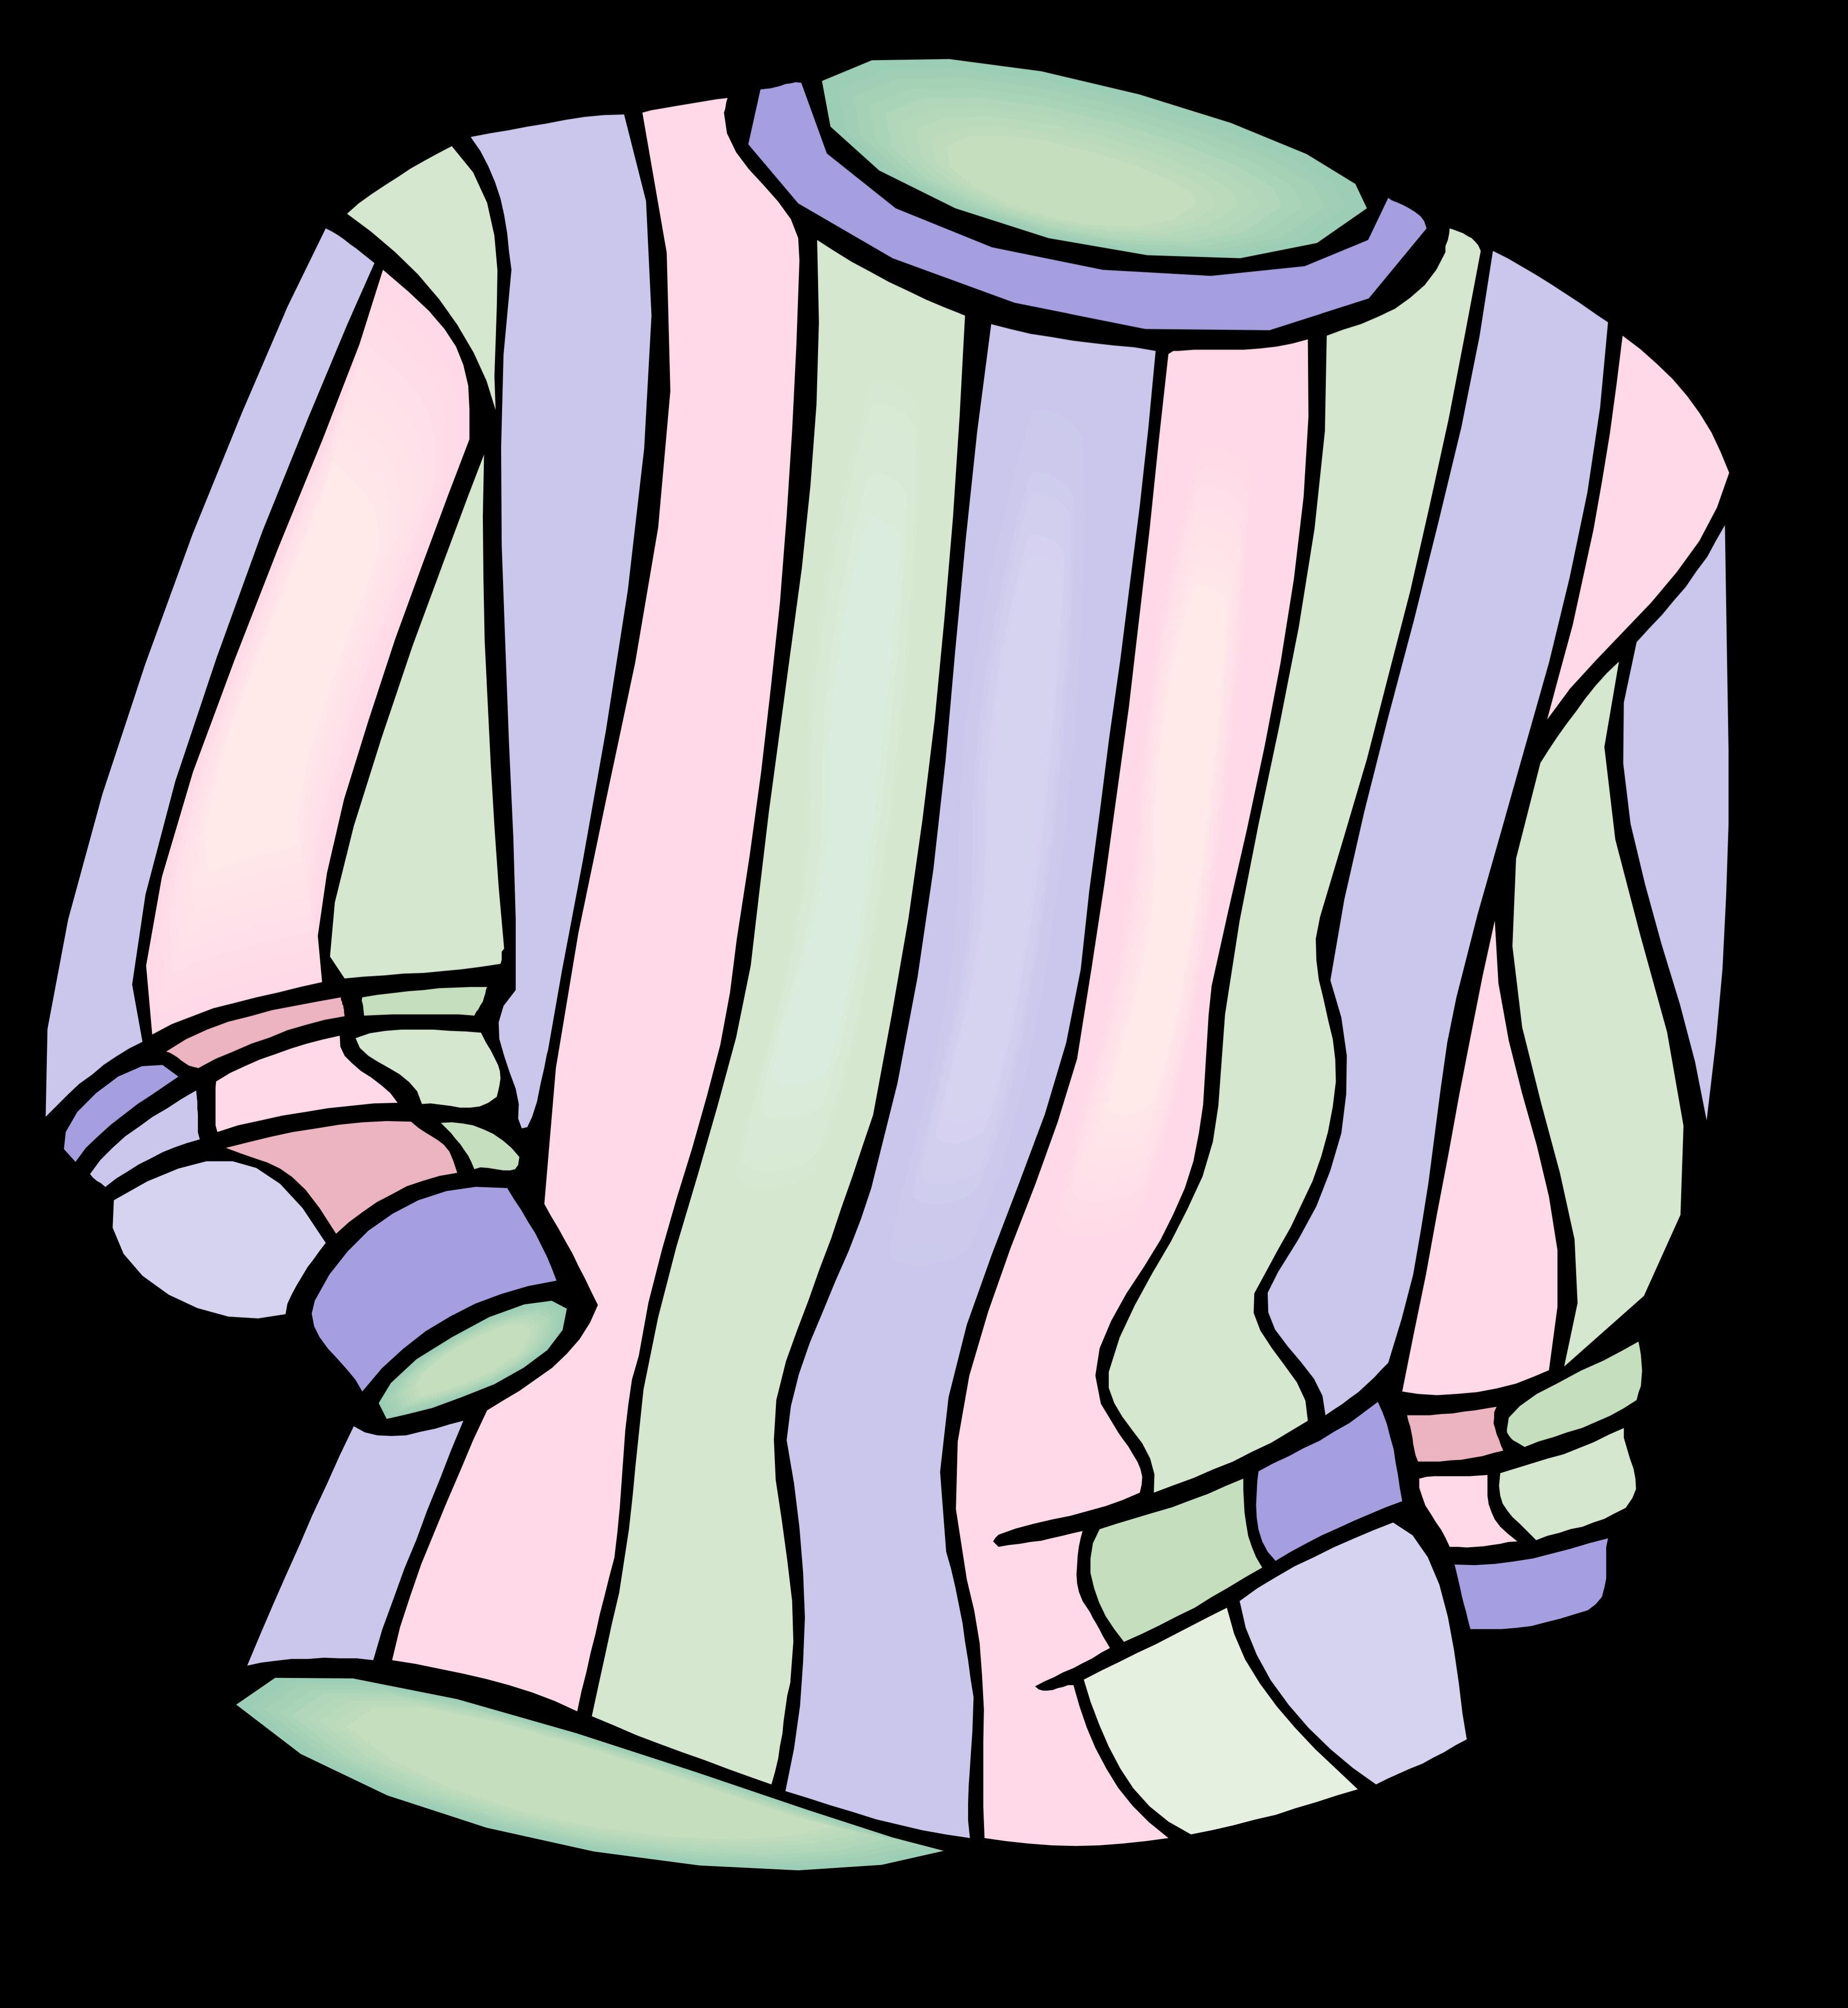 Анимация картинки одежды, мужику день рождения